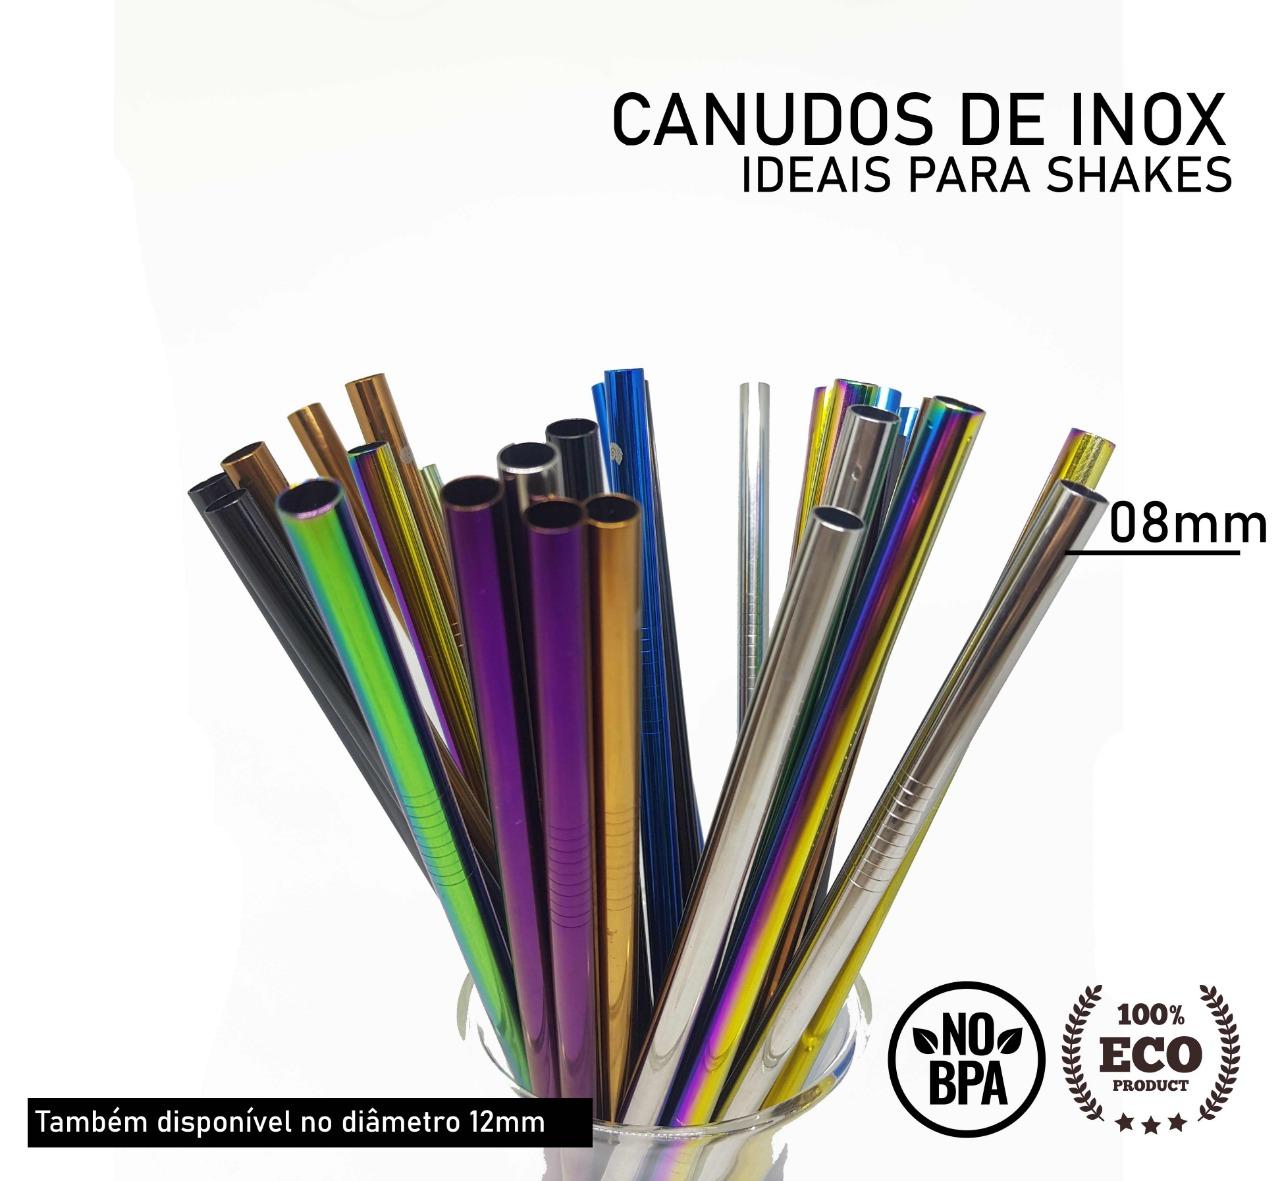 Kit 5 em 1-3 Canudos de Inox + Escova + Ecobag (Shake 8mm) Preto - Planet B